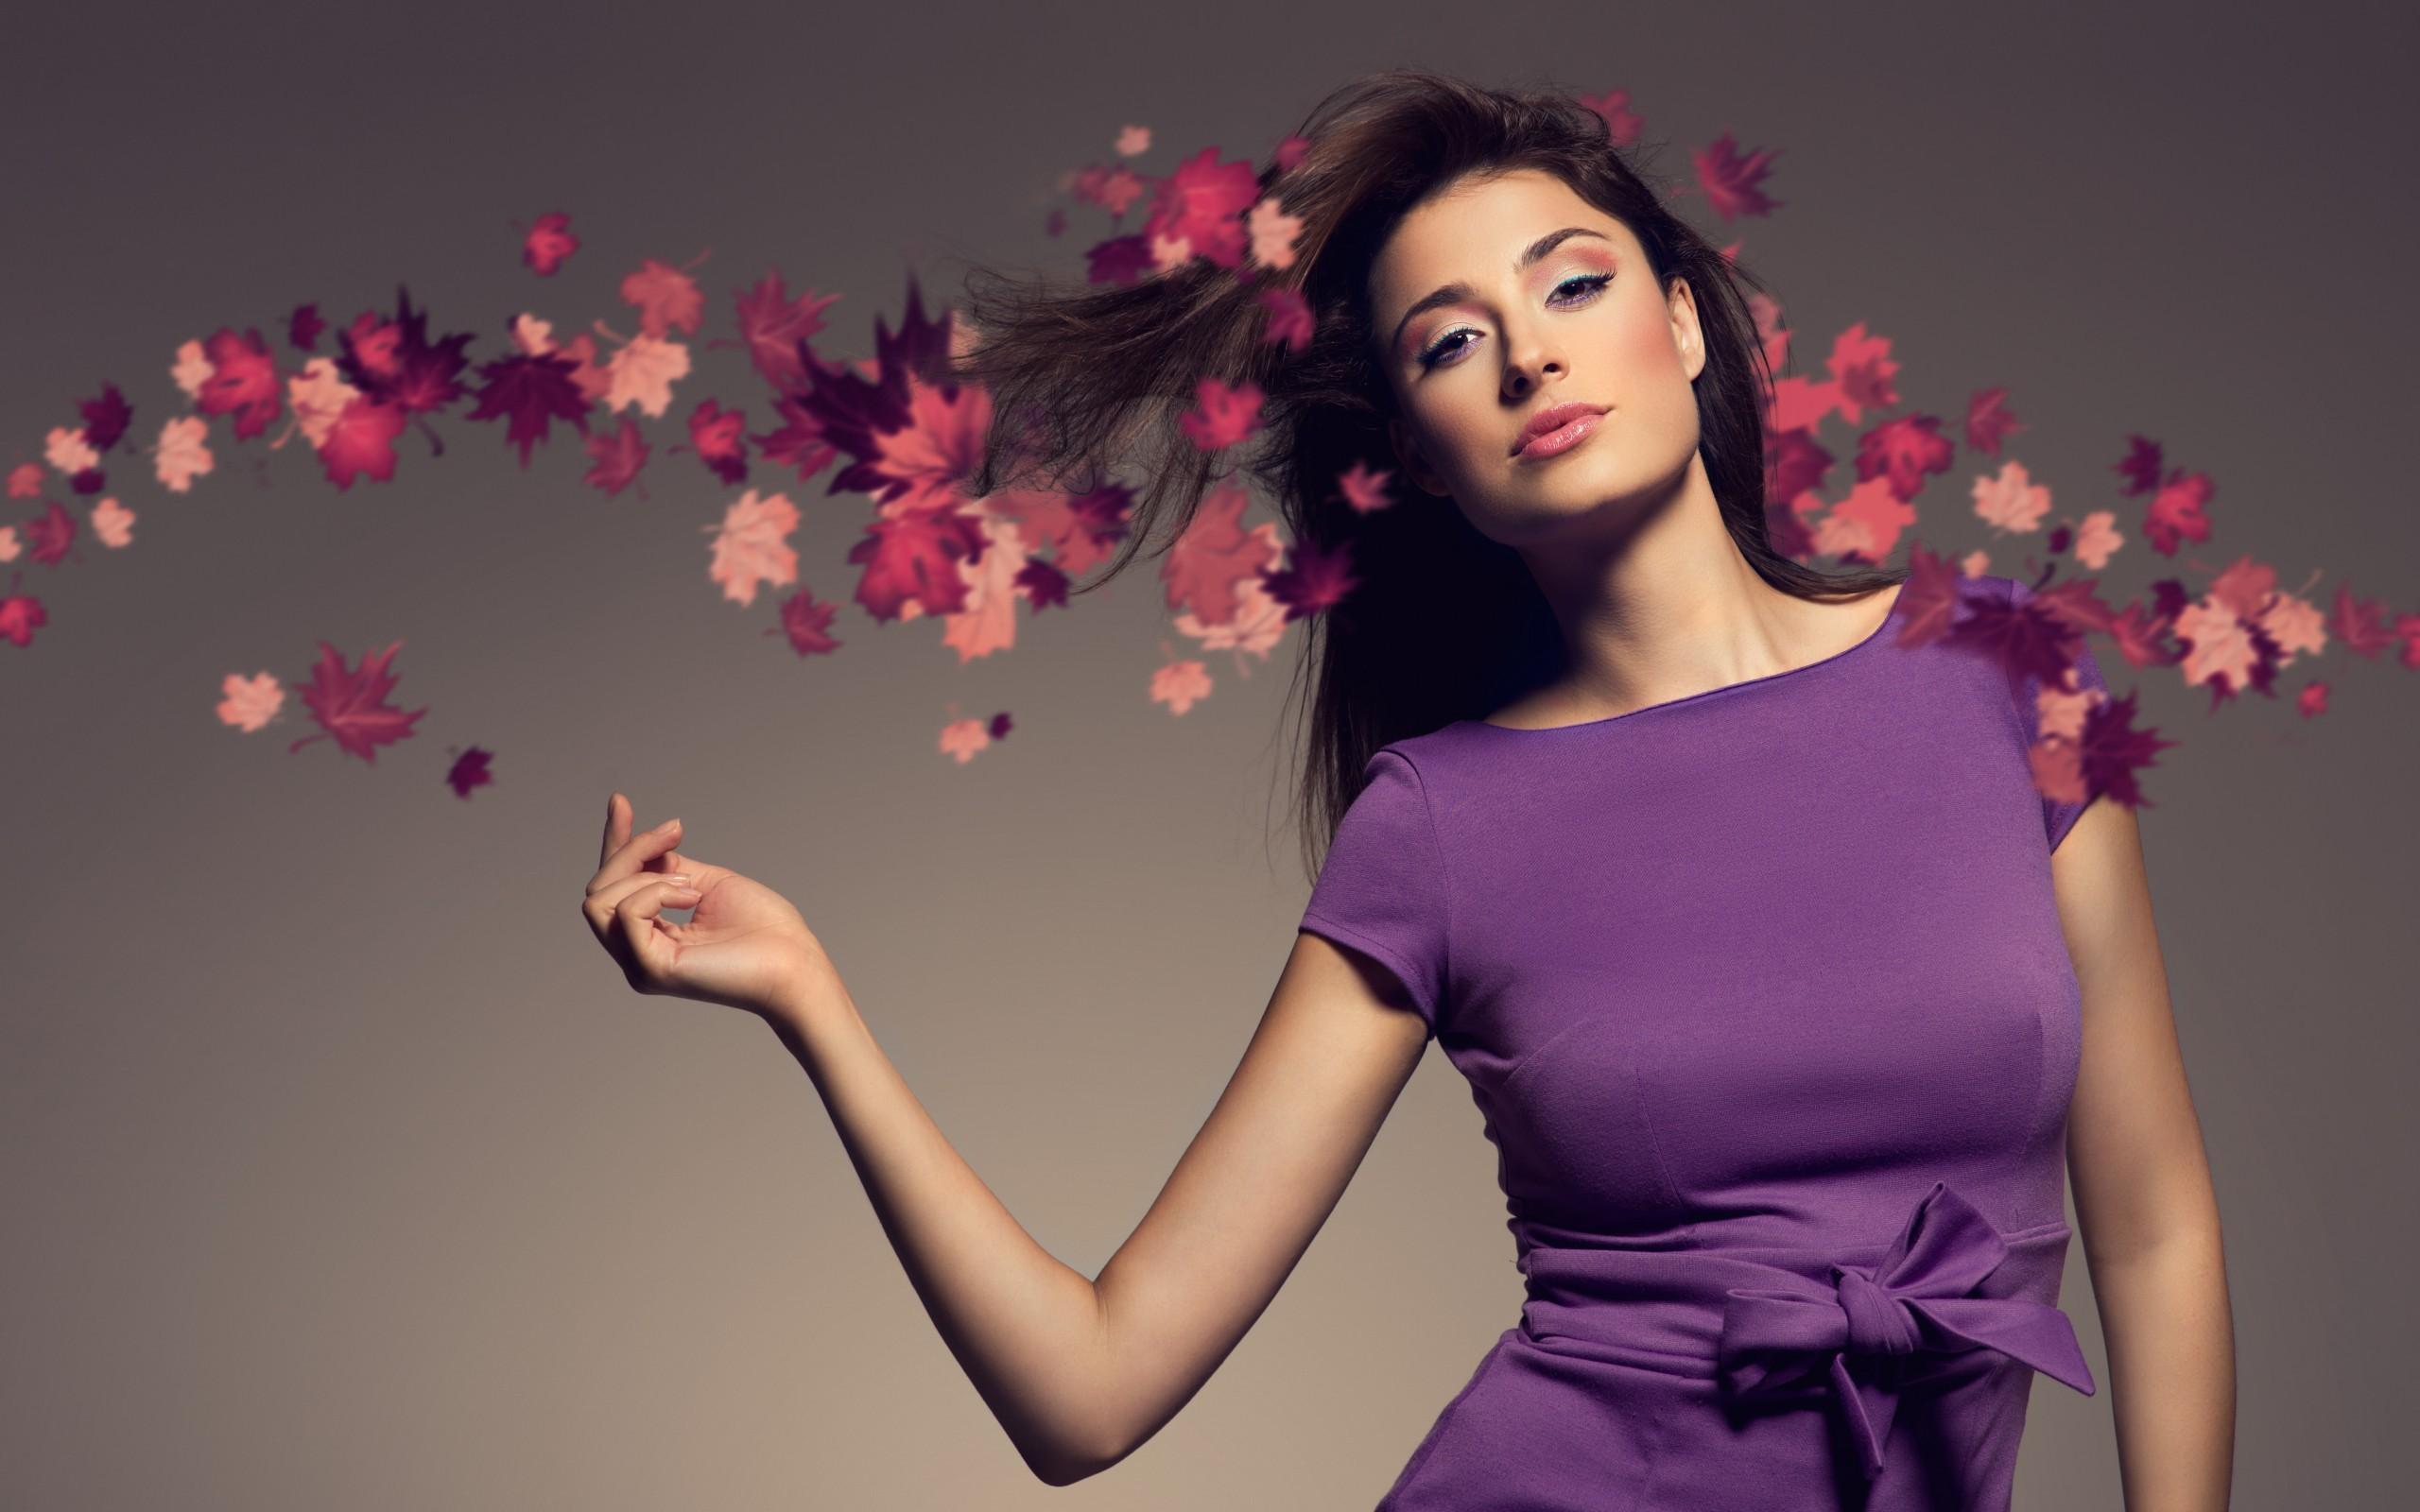 Яркая красивая картинка для женщины